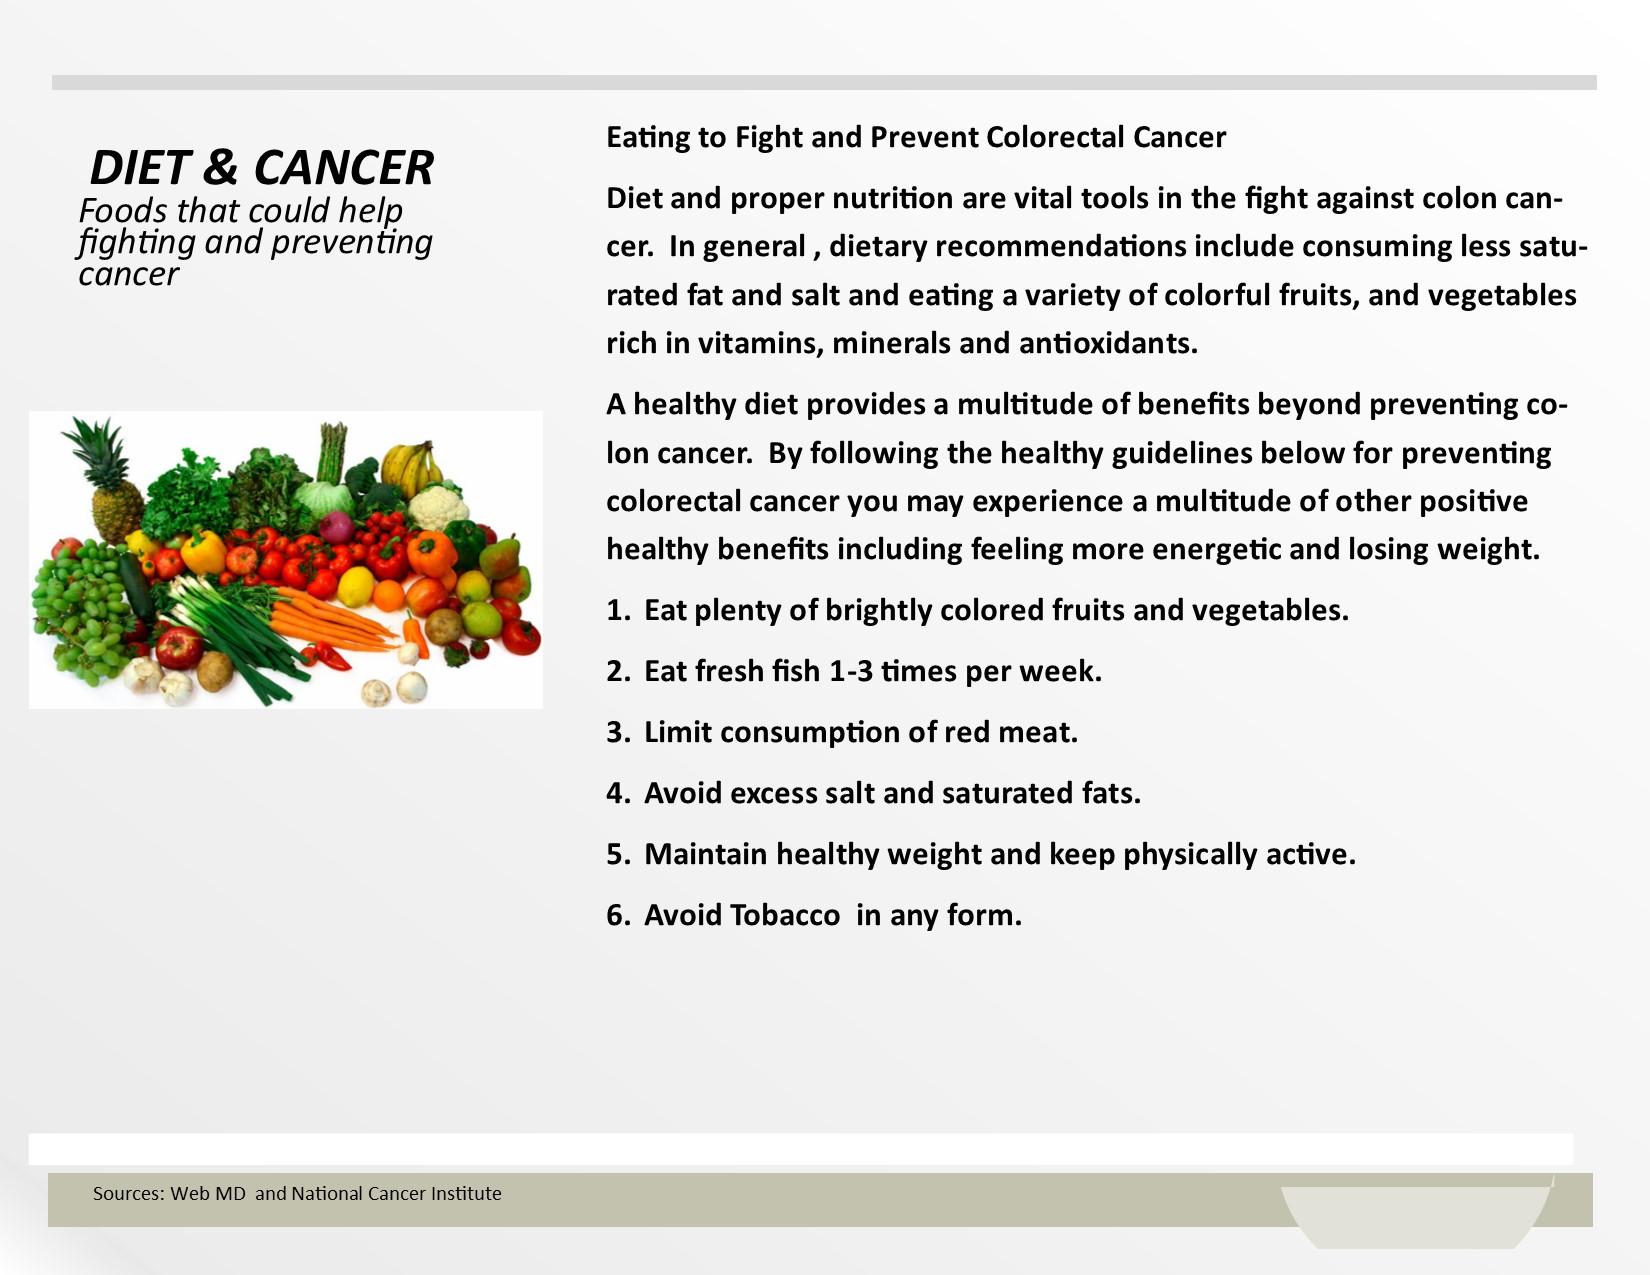 Diet & Cancer 1